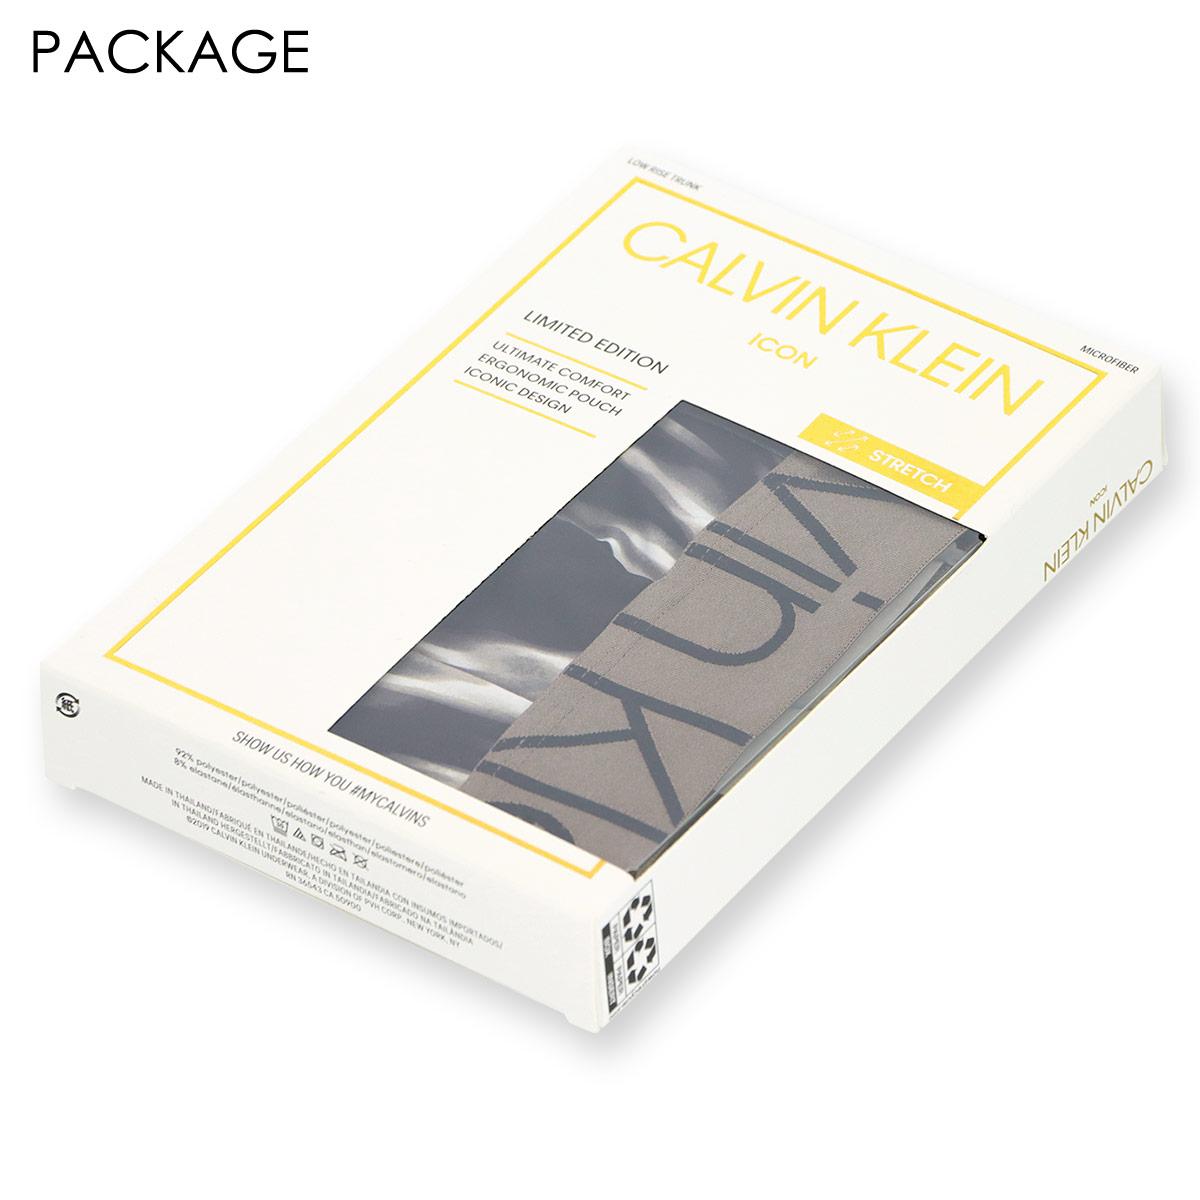 Calvin Klein カルバンクライン NB2543 ICON LTE PRINT MICRO LOW RISE TRUNK アイコン リミテッド マイクロ ローライズ ボクサーパンツ 男性 メンズ 53602543【ゆうパケット・2点まで】